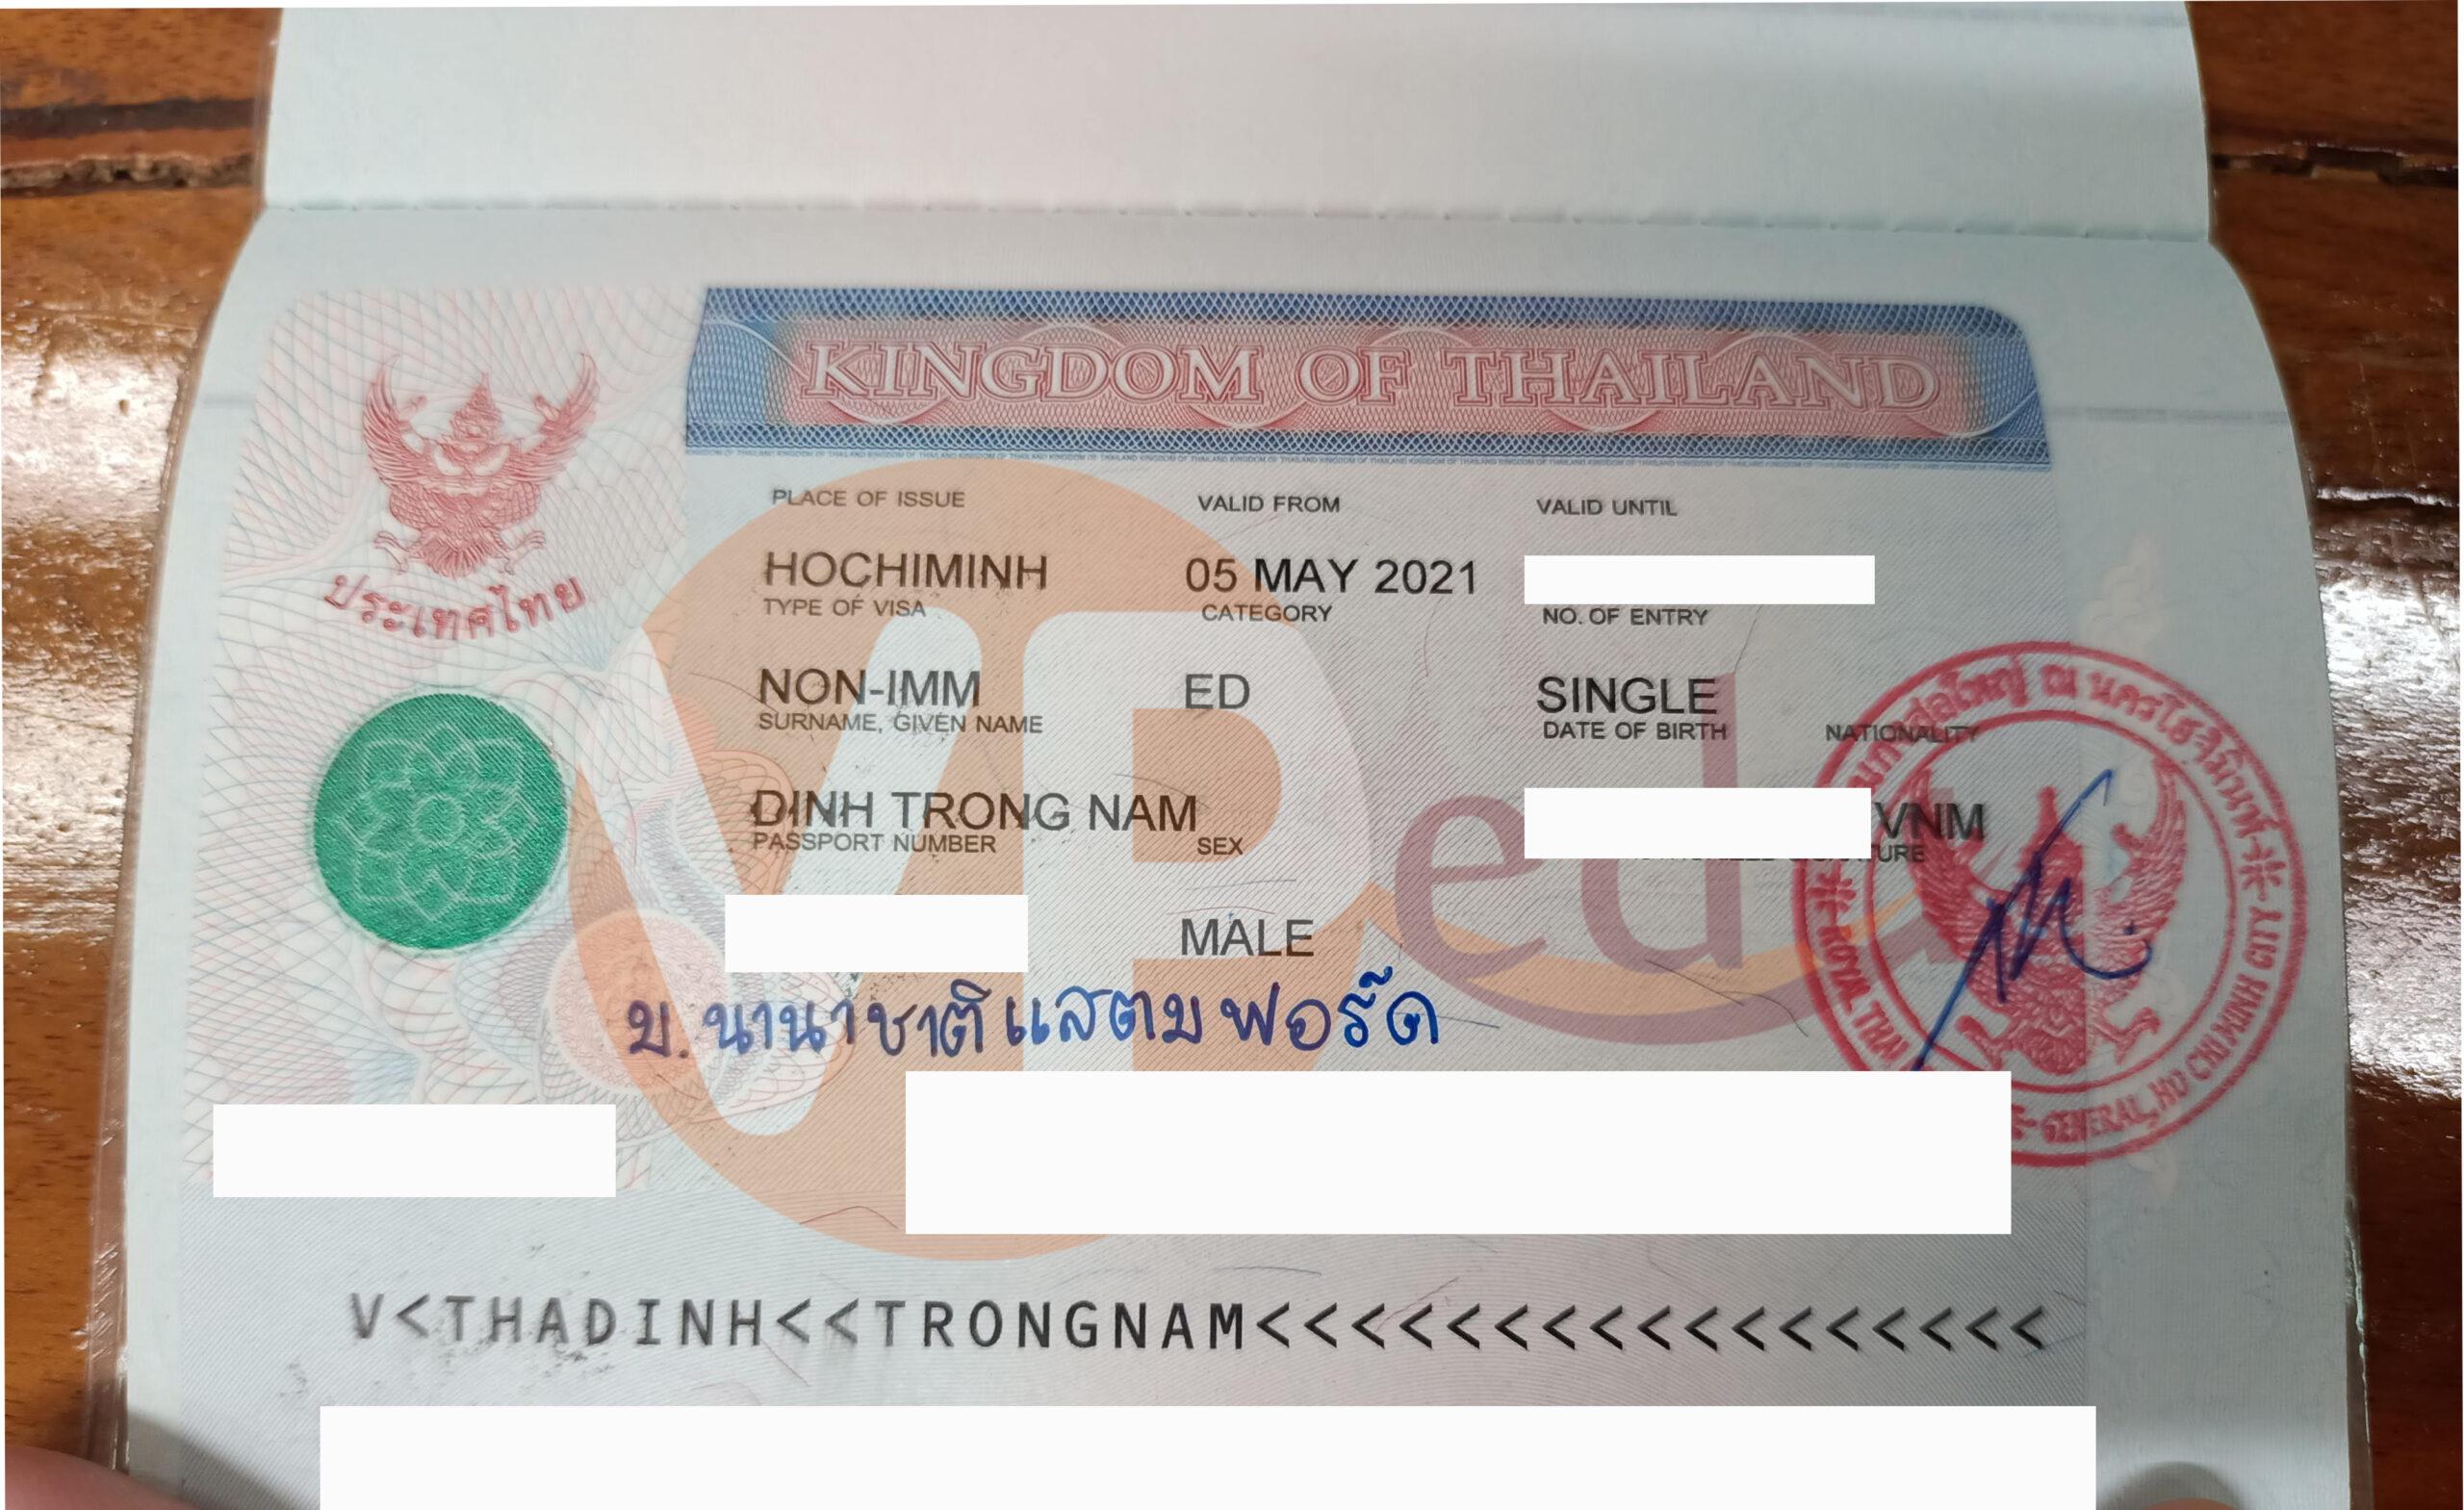 Visa Du học Thái Lan của bạn Trọng Nam